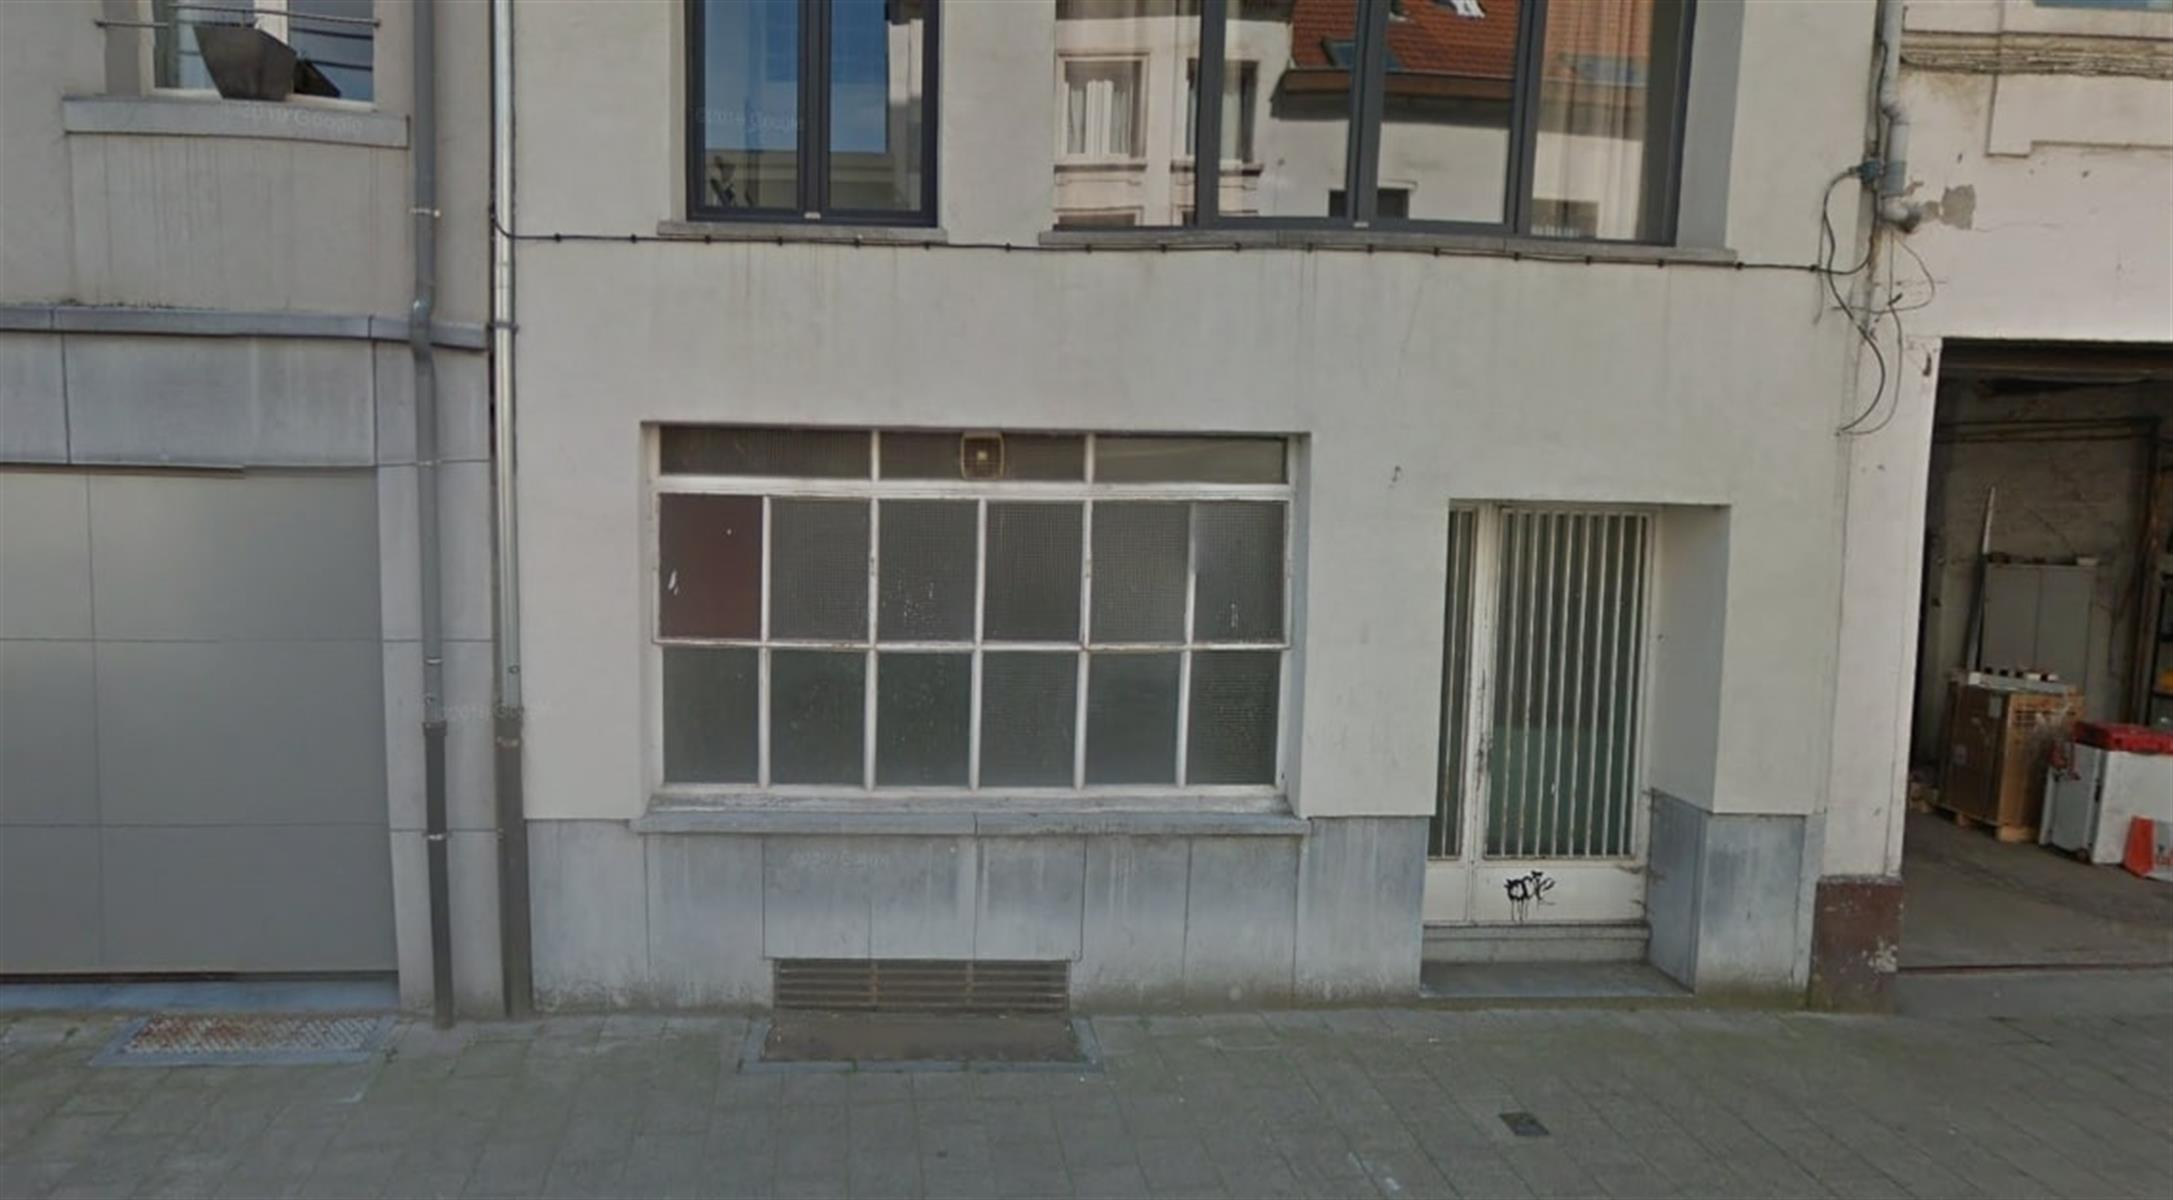 opslagplaats te koop I128 - Opslagplaats - Falconrui 70, 2000 Antwerpen, België 2